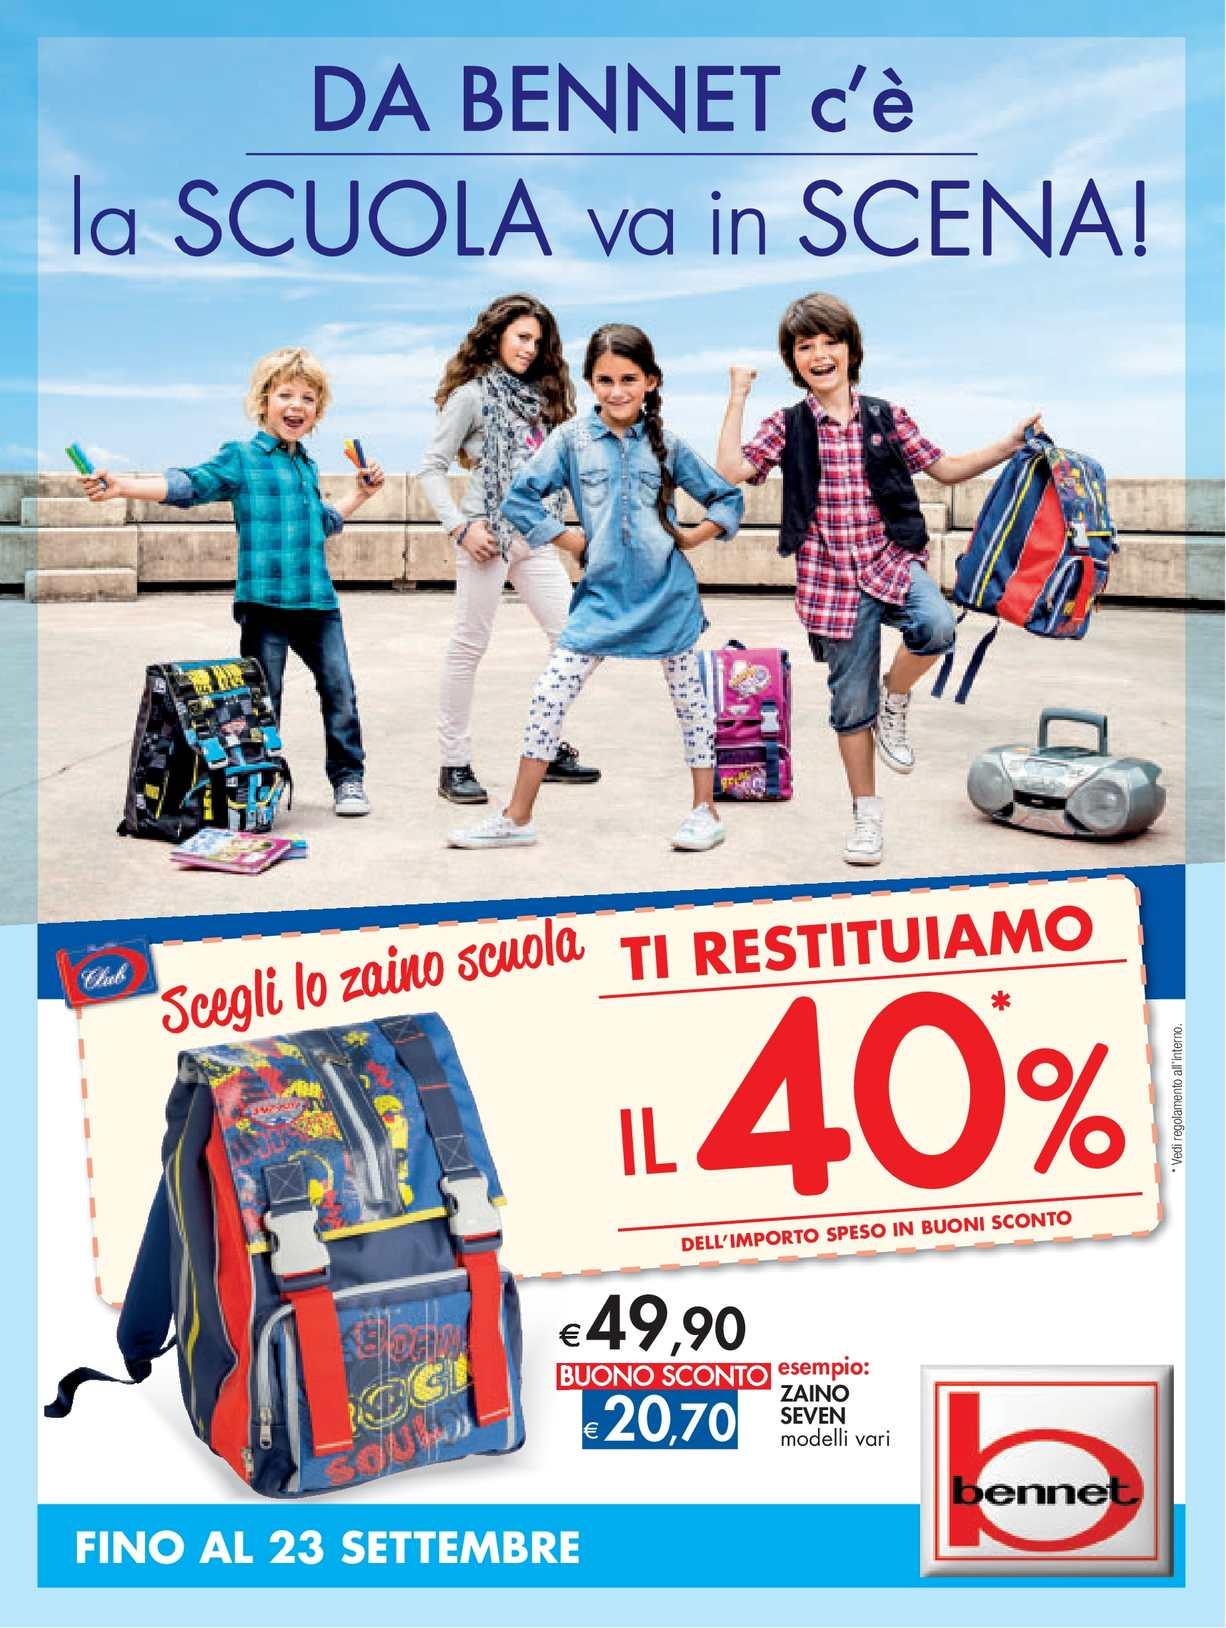 new concept 36061 f5302 Calaméo - Volantino Bennet Scuola fino al 23 settembre